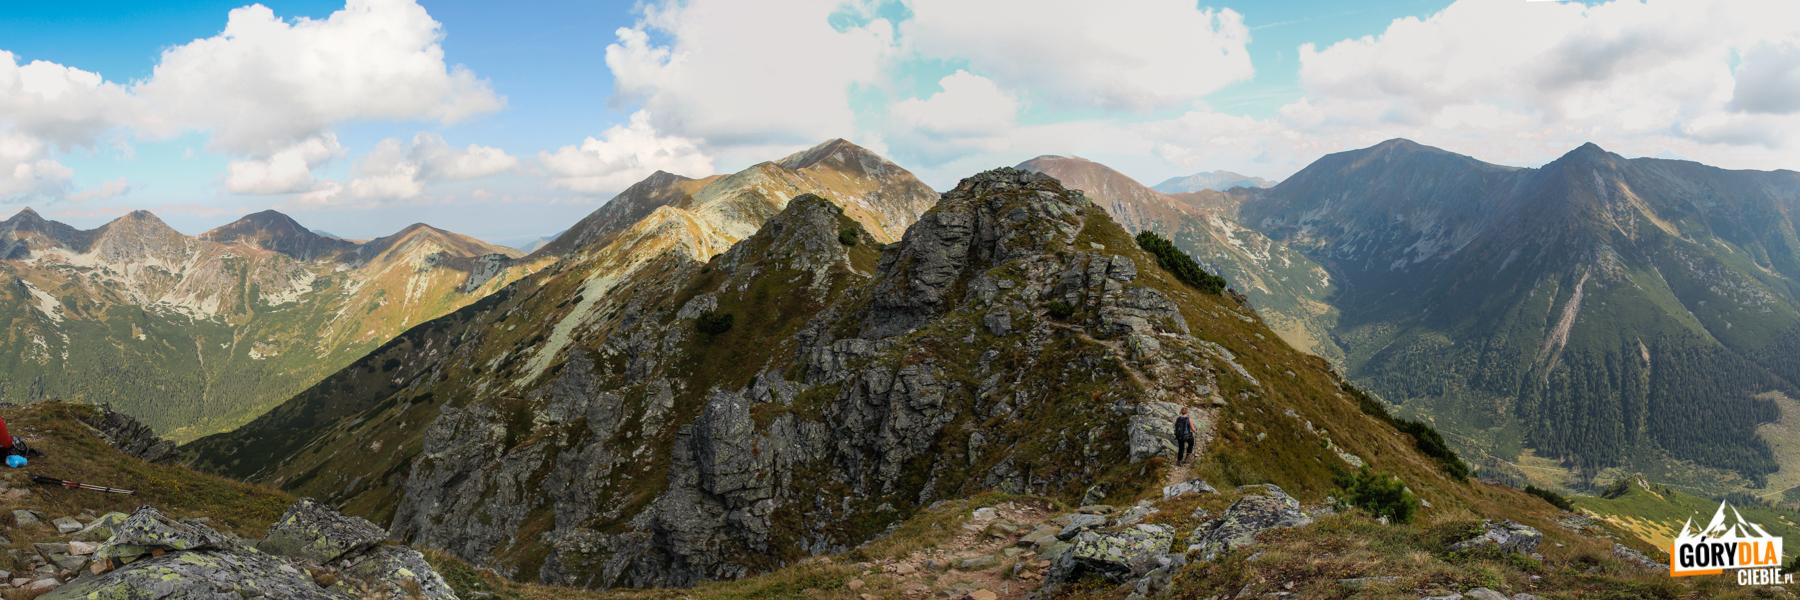 Panorama ze szczytu Pośredniej Magury (2050 m) na Wyżnią Magurę (2095 m) i Raczkową Czubę (2194 m), po lewej Rohacze – Płaczliwy (2125 m) i Ostry (2088 m), Wołowiec (2064 m) i Łopata (1958 m), a po prawej Starorobociański Wierch (2167 m), Błyszcz (2159 m), Bystra (2248 m) i Zadnia Kopa (2162 m)